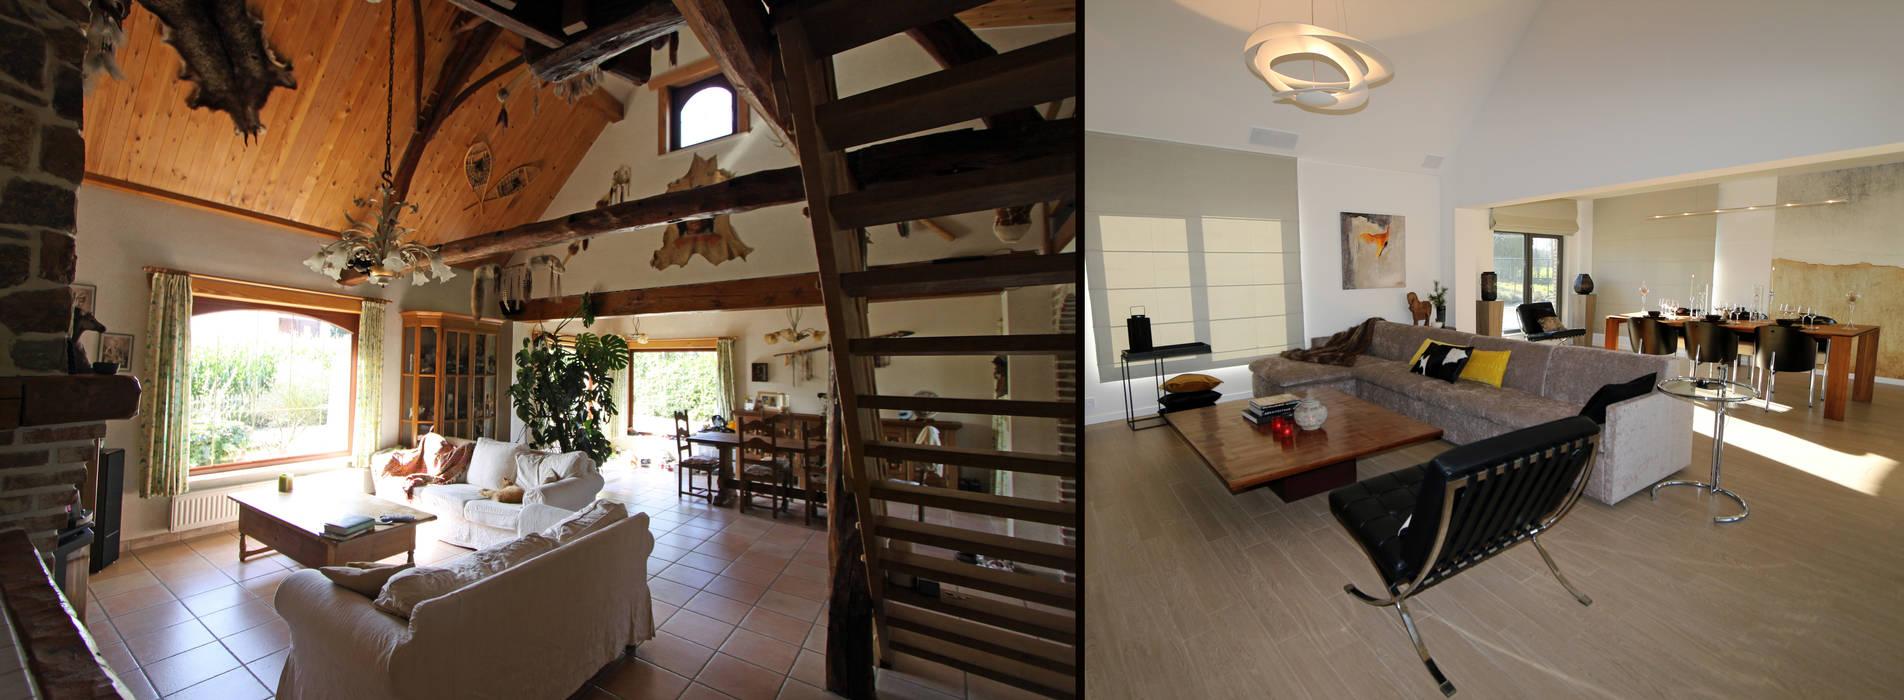 Fermette rustique se transforme en espace contemporain salon ...